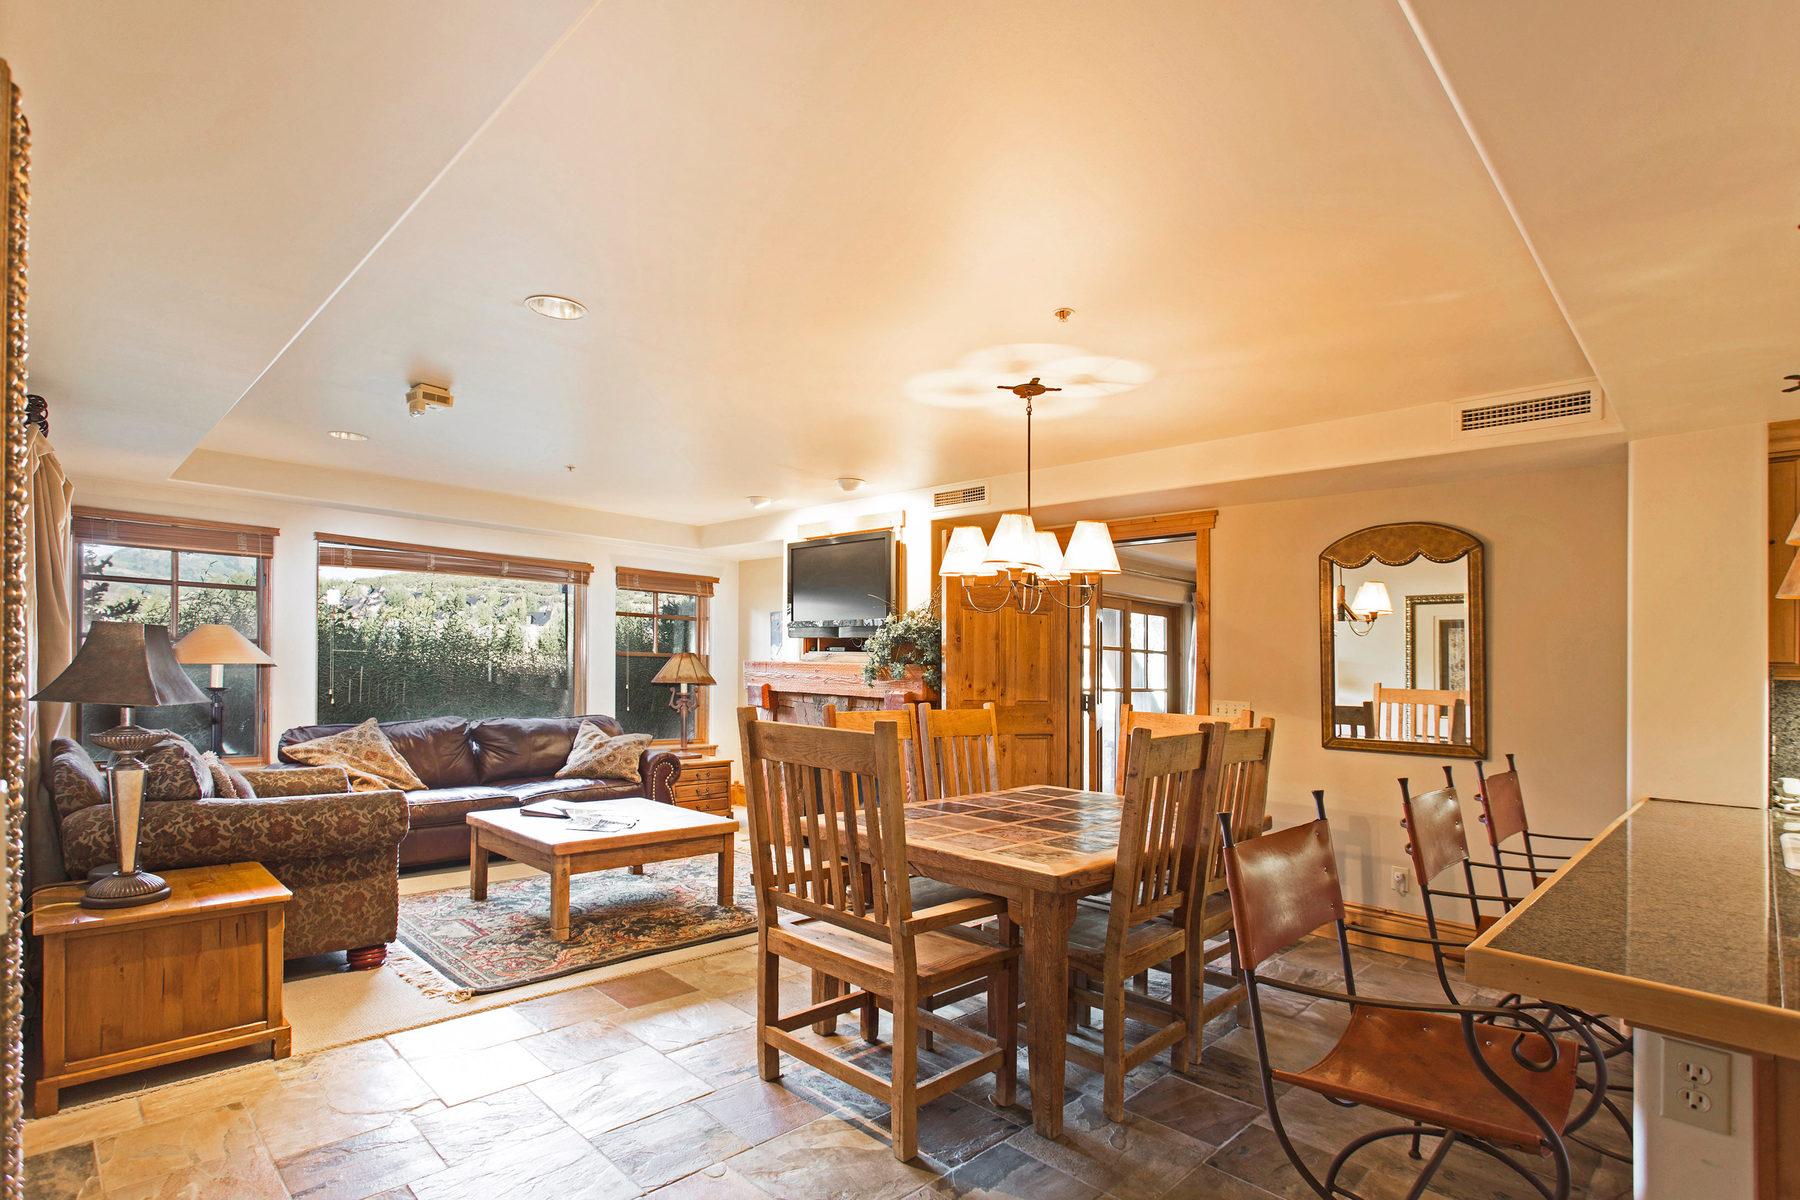 獨棟家庭住宅 為 出售 在 Two Bedroom Lodges at Deer Valley with Views 2900 Deer Valley Dr E #5132 Park City, 猶他州, 84060 美國